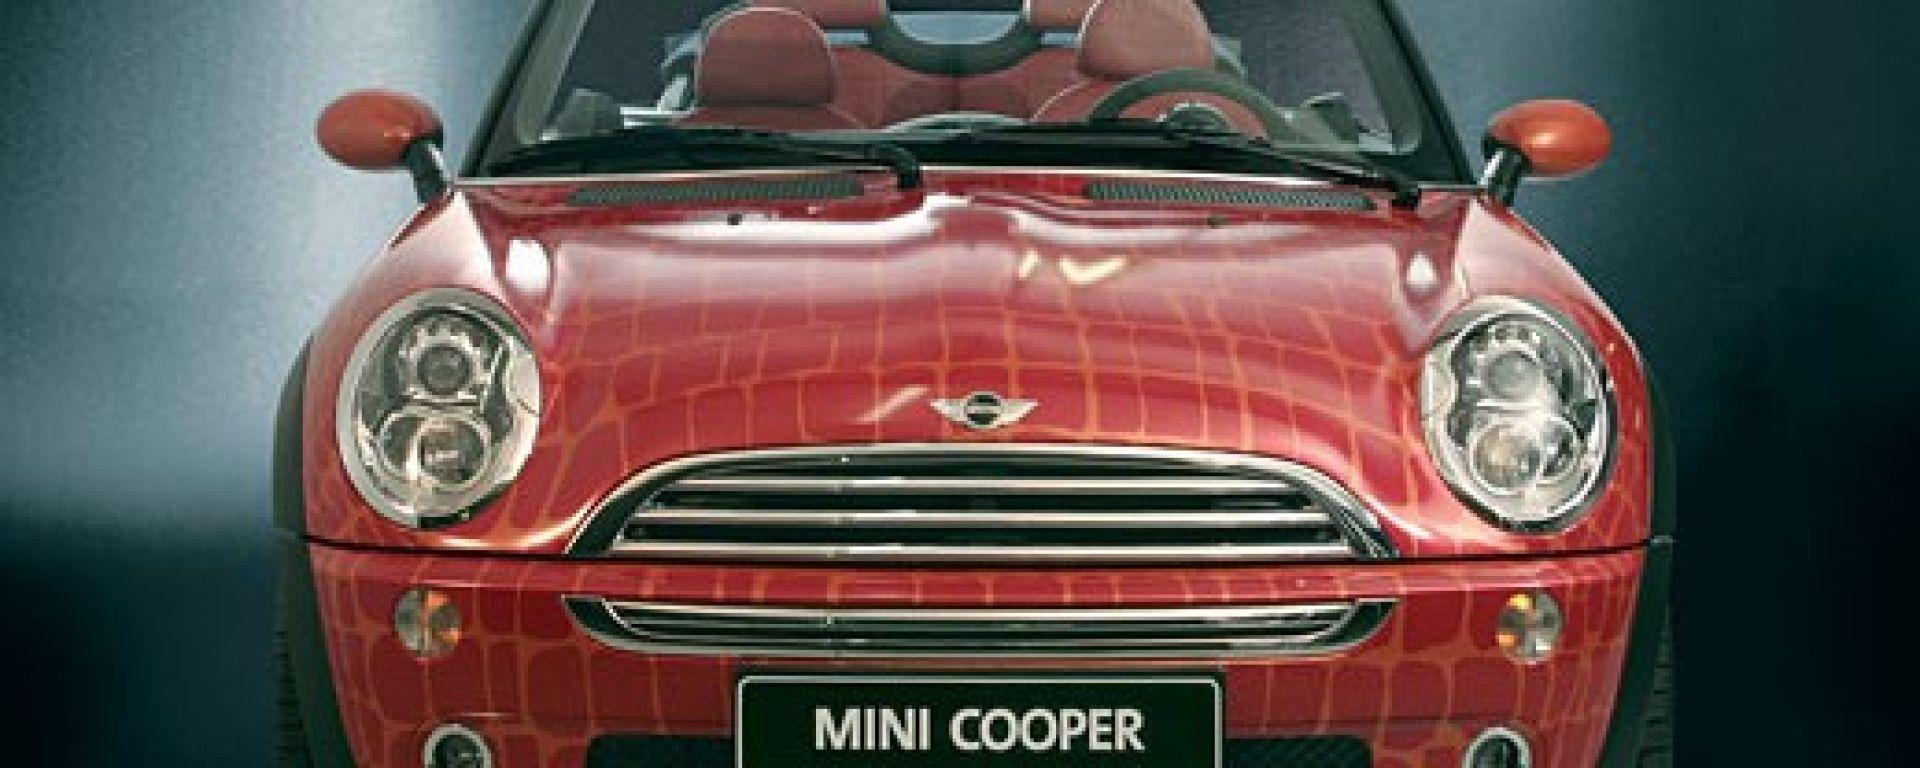 Mini Cooper Cabrio by Ferré